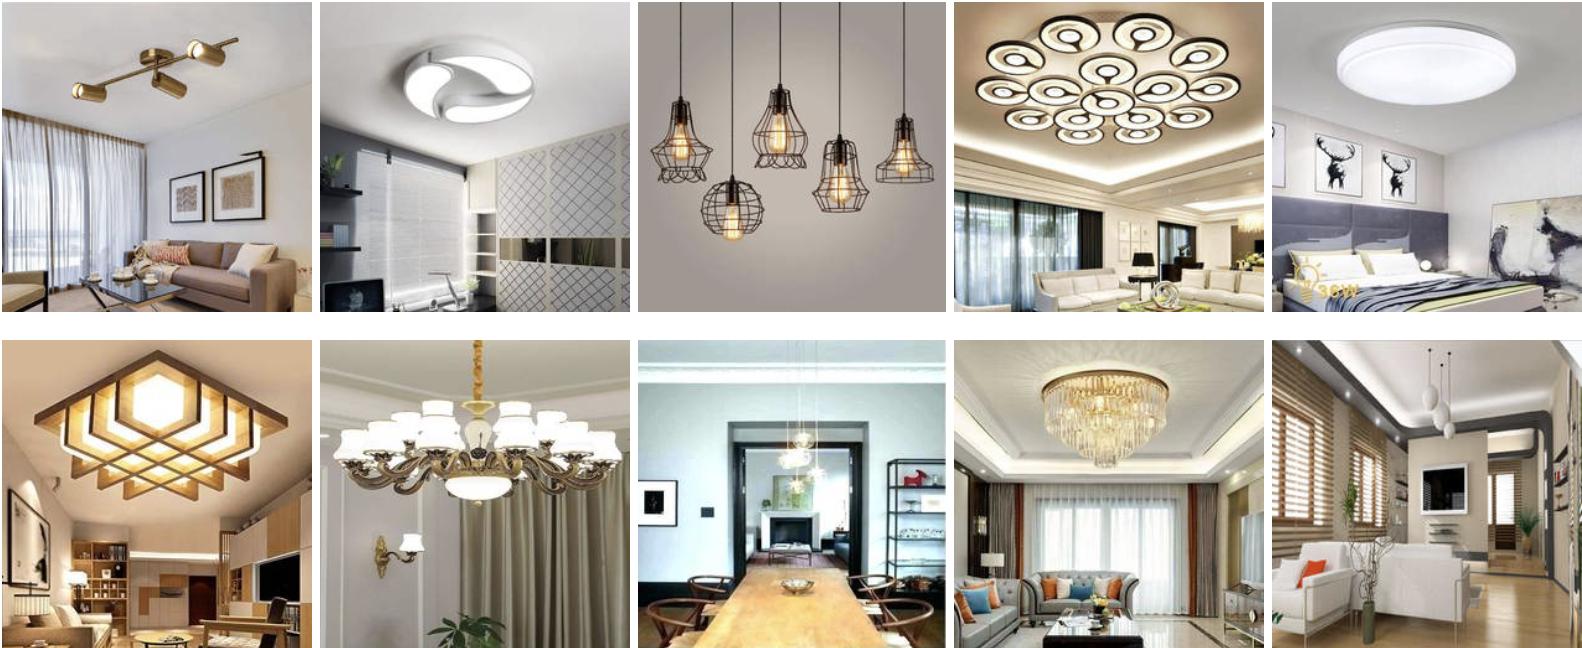 Tổng hợp các mẫu đèn trang trí trần nhà đẹp nhất